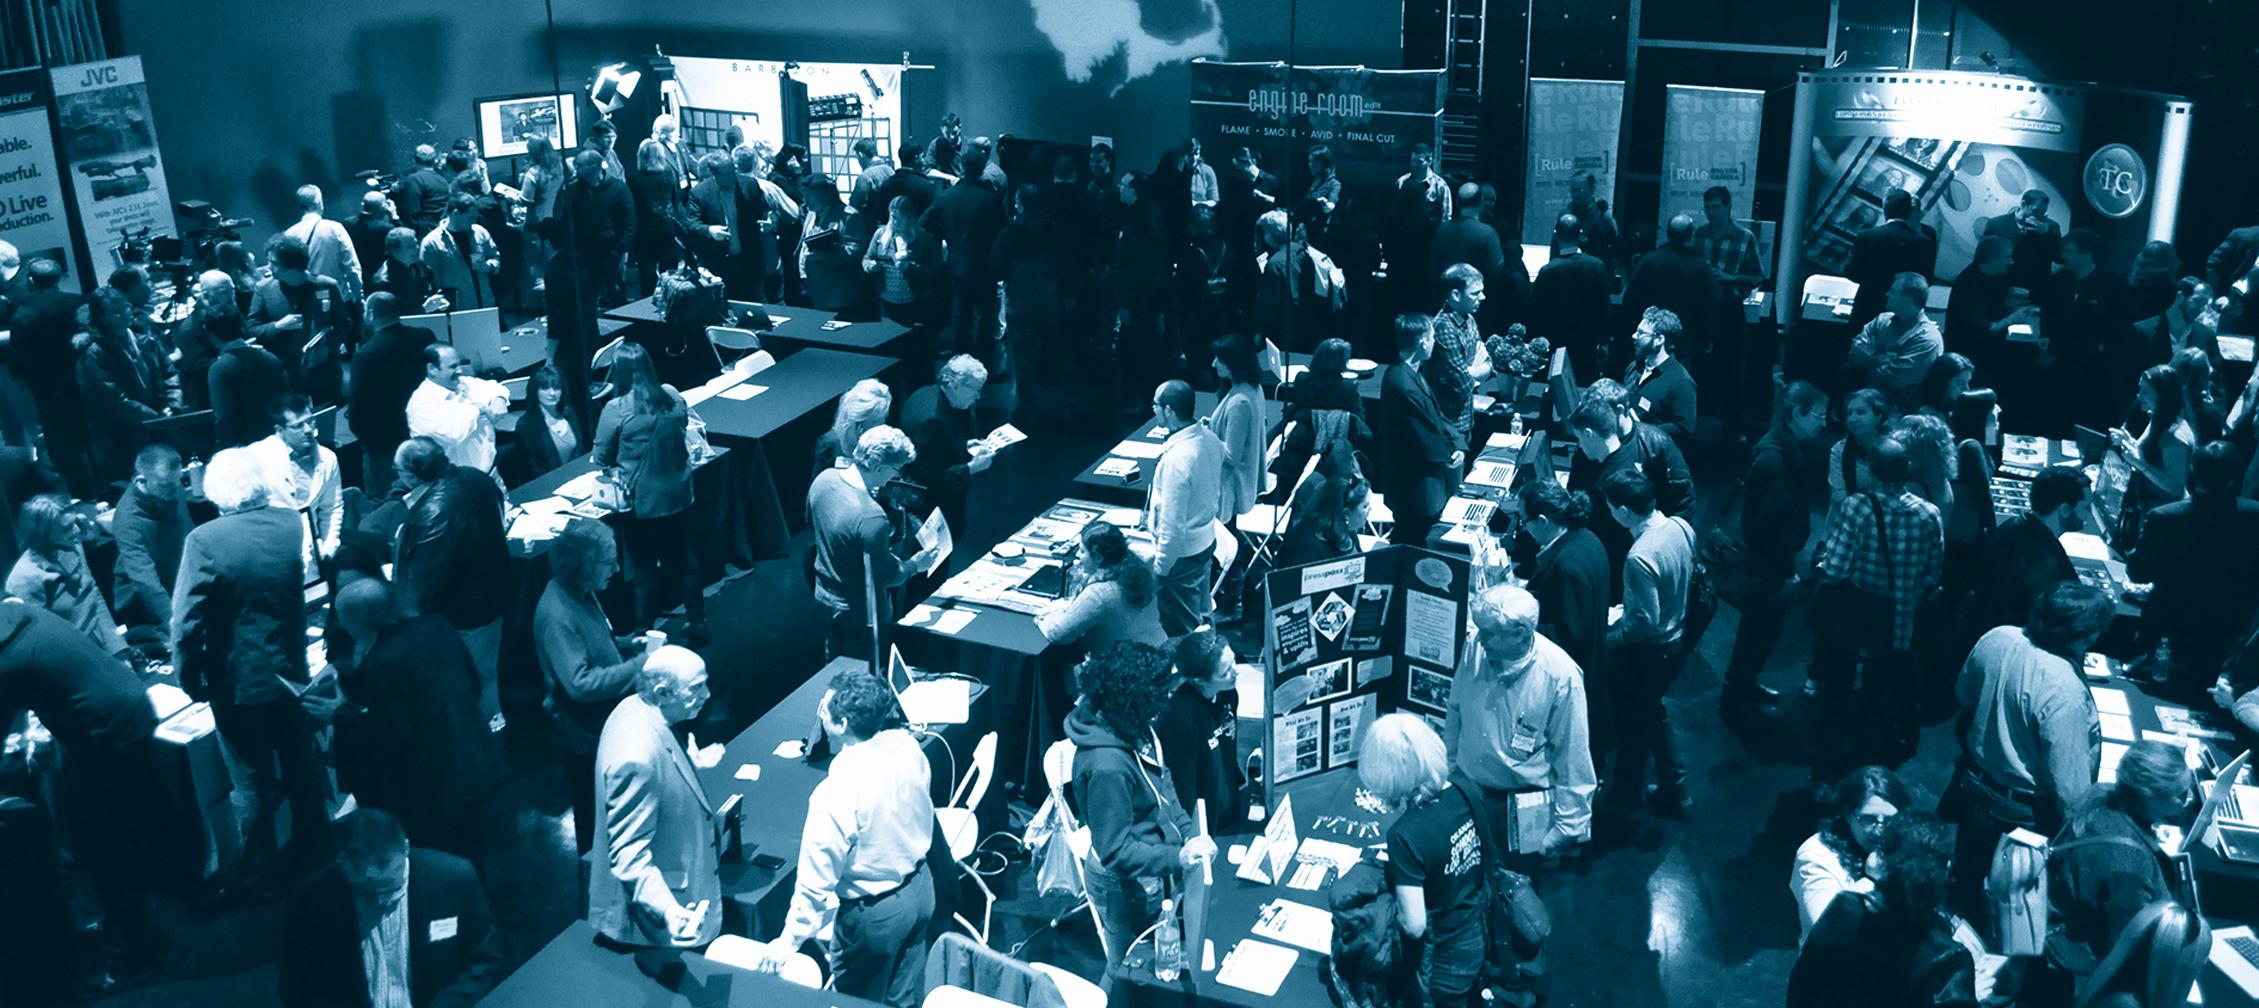 Exhibition Hall_v.2.jpg